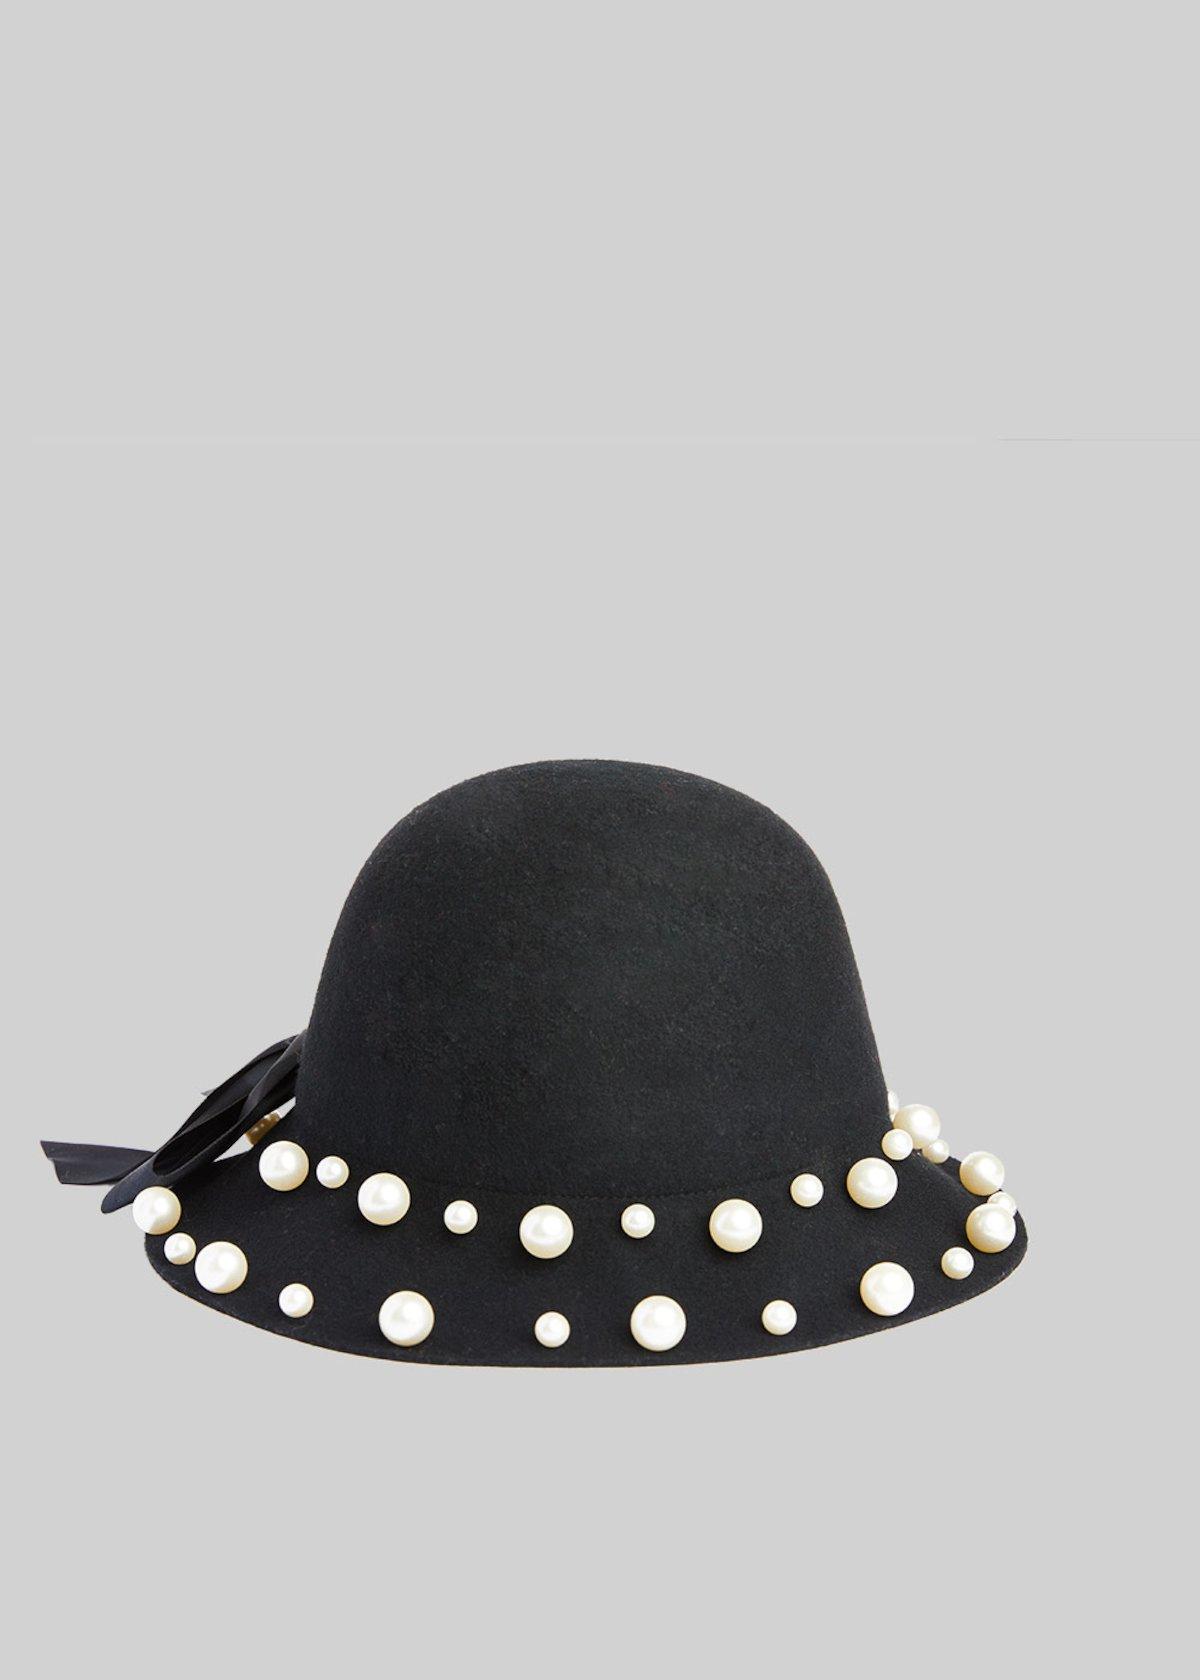 Cappello Cool in lana con dettaglio perle - Black - Donna - Immagine  categoria 052e26359e76